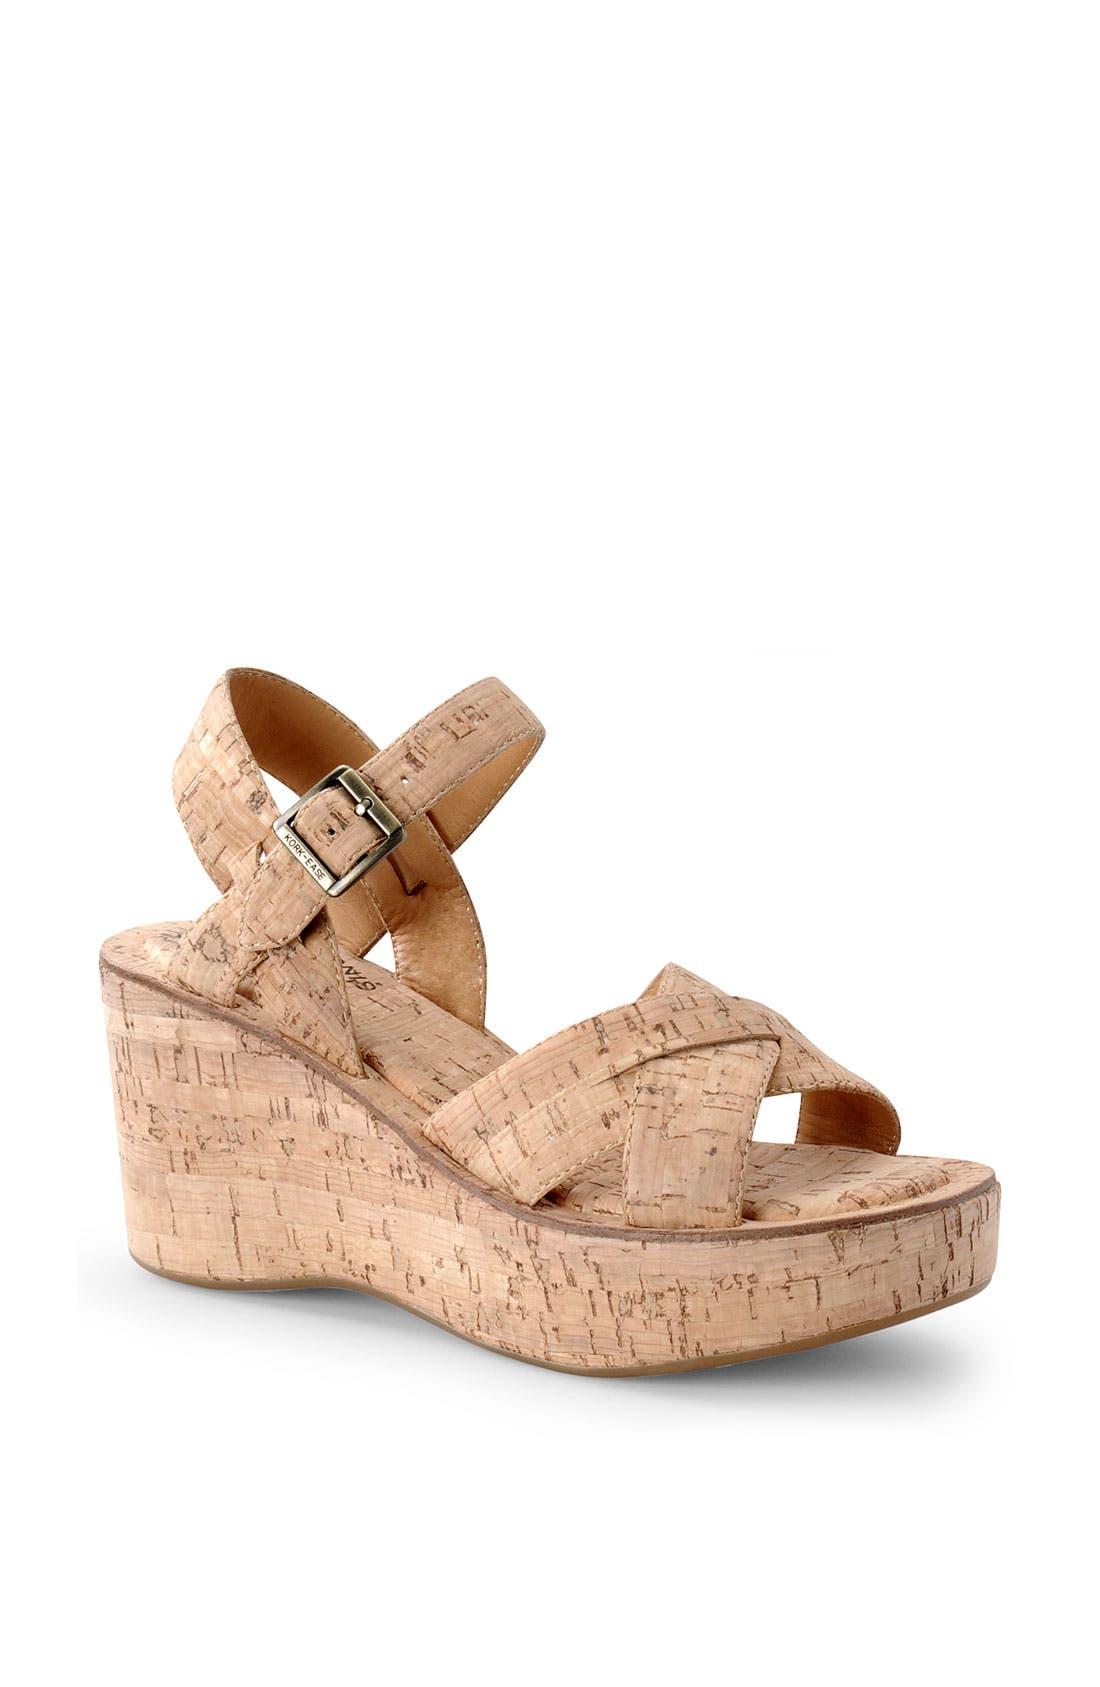 Alternate Image 1 Selected - Kork-Ease 'Ava' Wedge Sandal